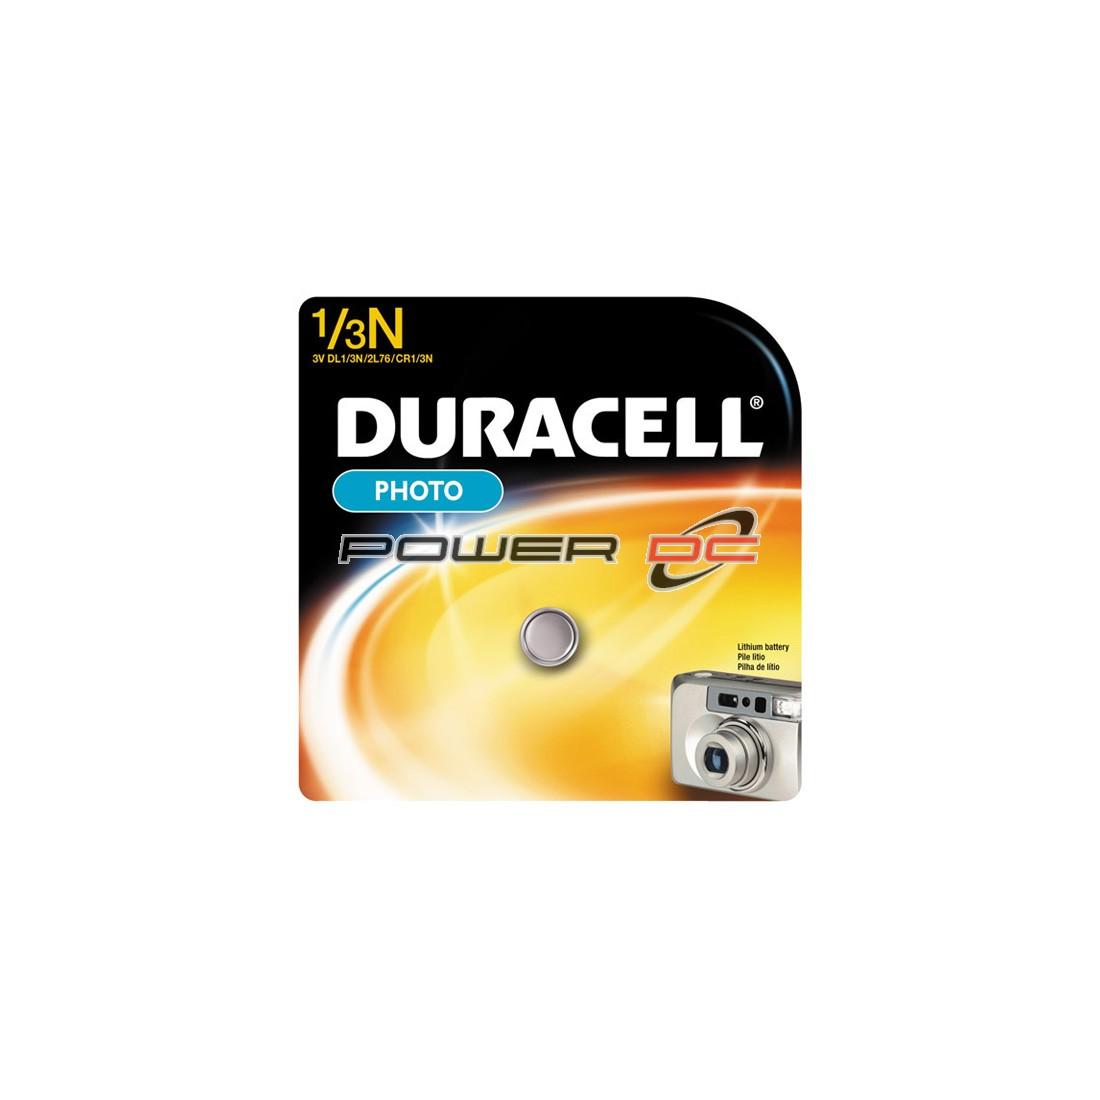 DURACELL XL 1/3 N 3V LITHIUM